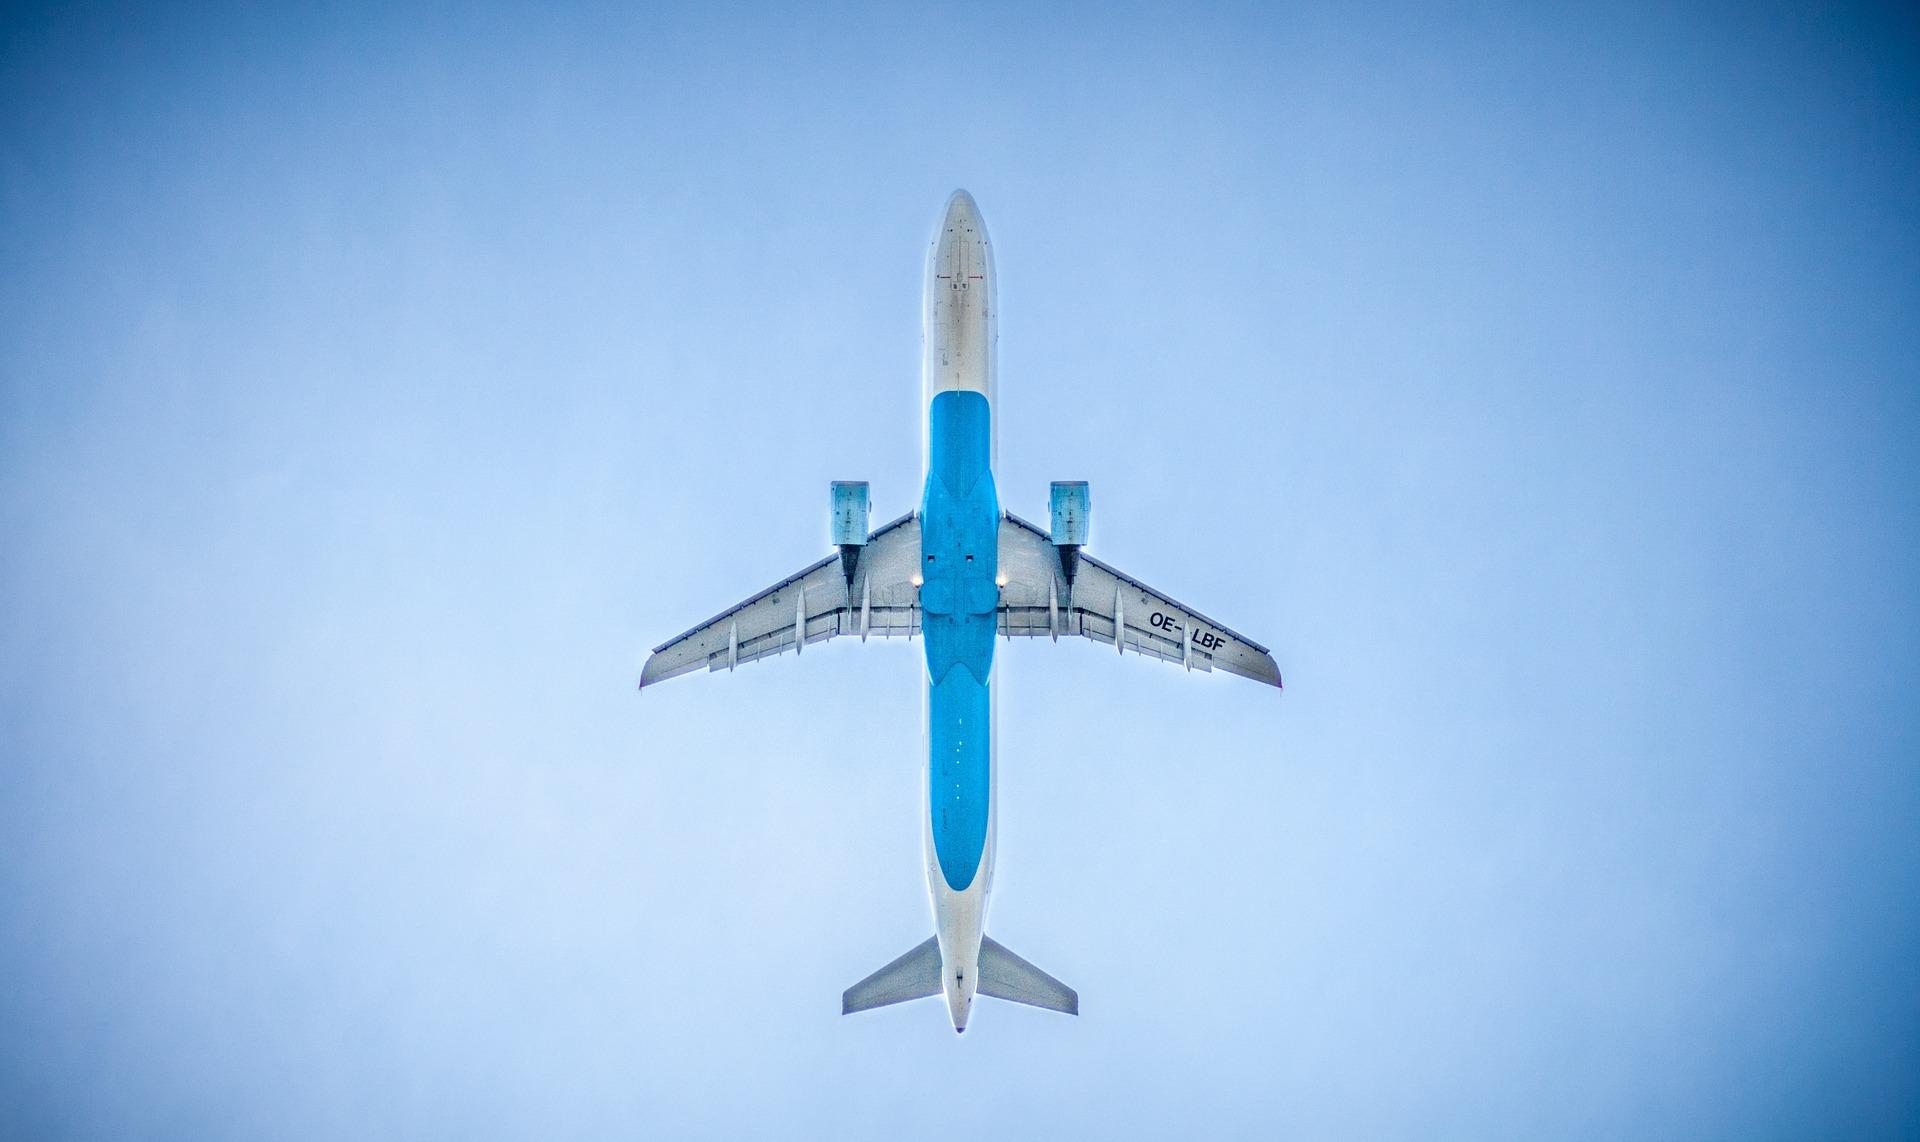 Biglietti aerei meno cari: cosa prevede il Decreto Sostegni bis e per quali scali